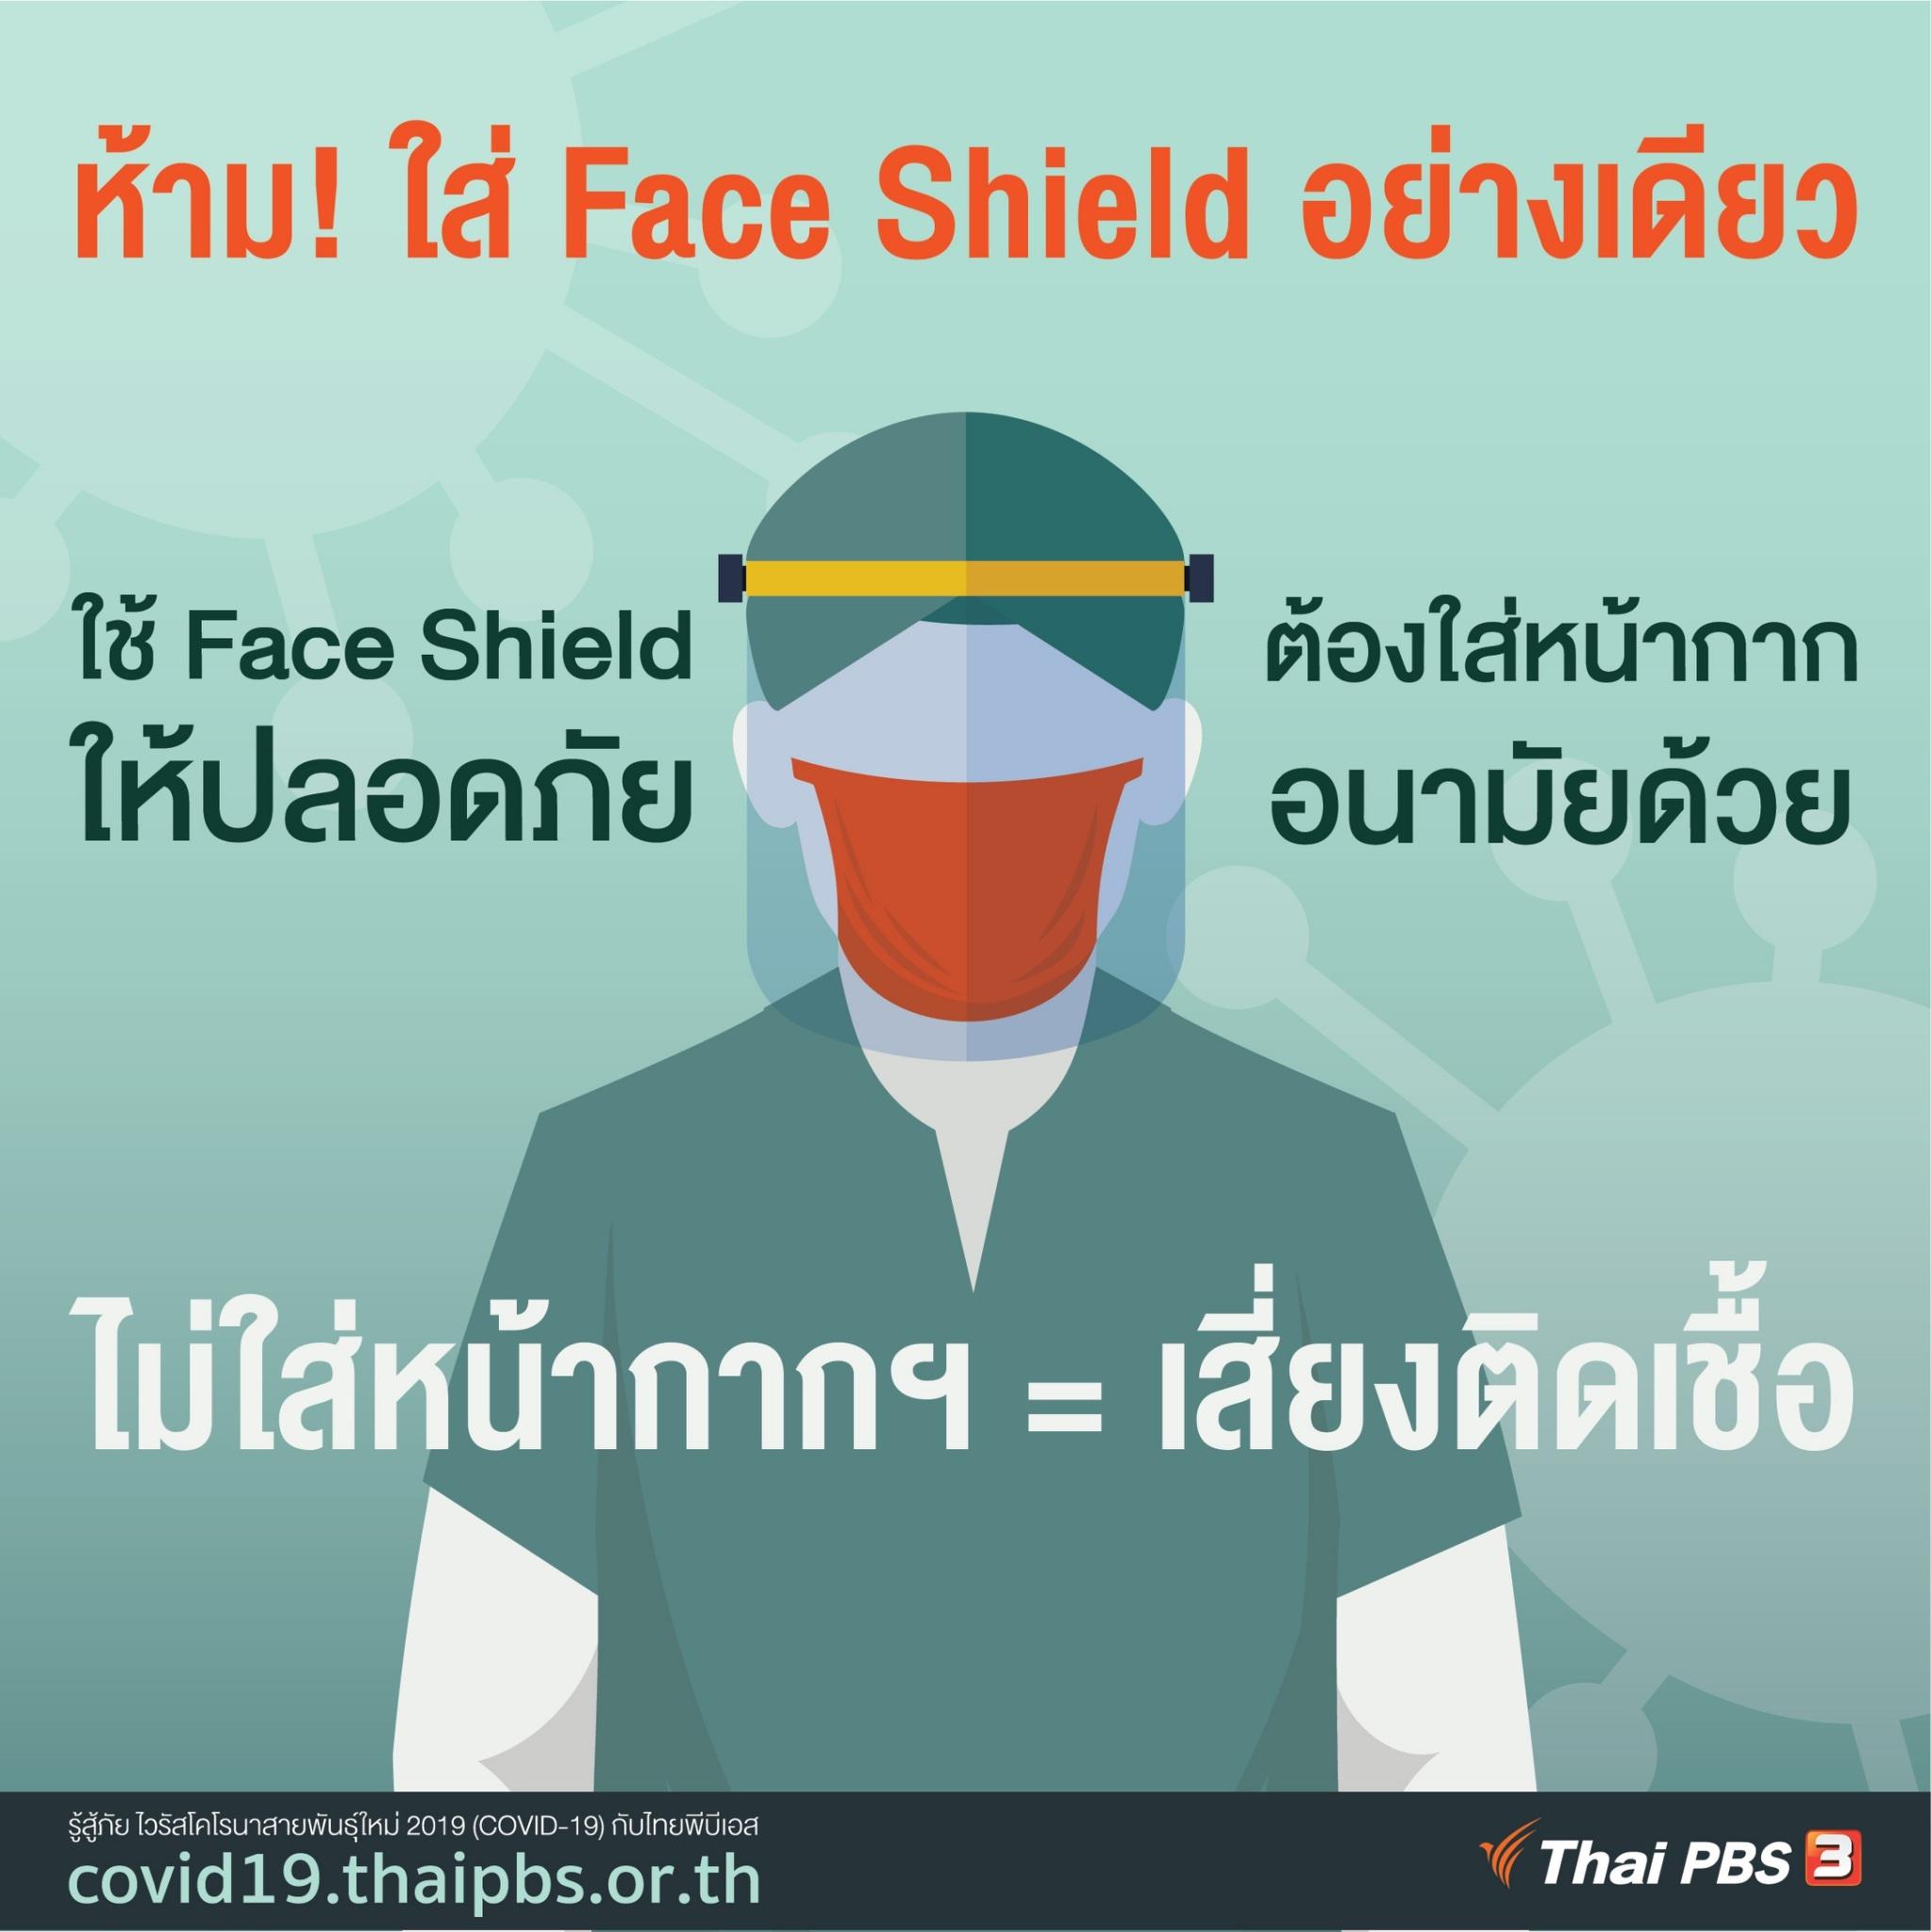 ห้ามใส่ Face Shield อย่างเดียว!